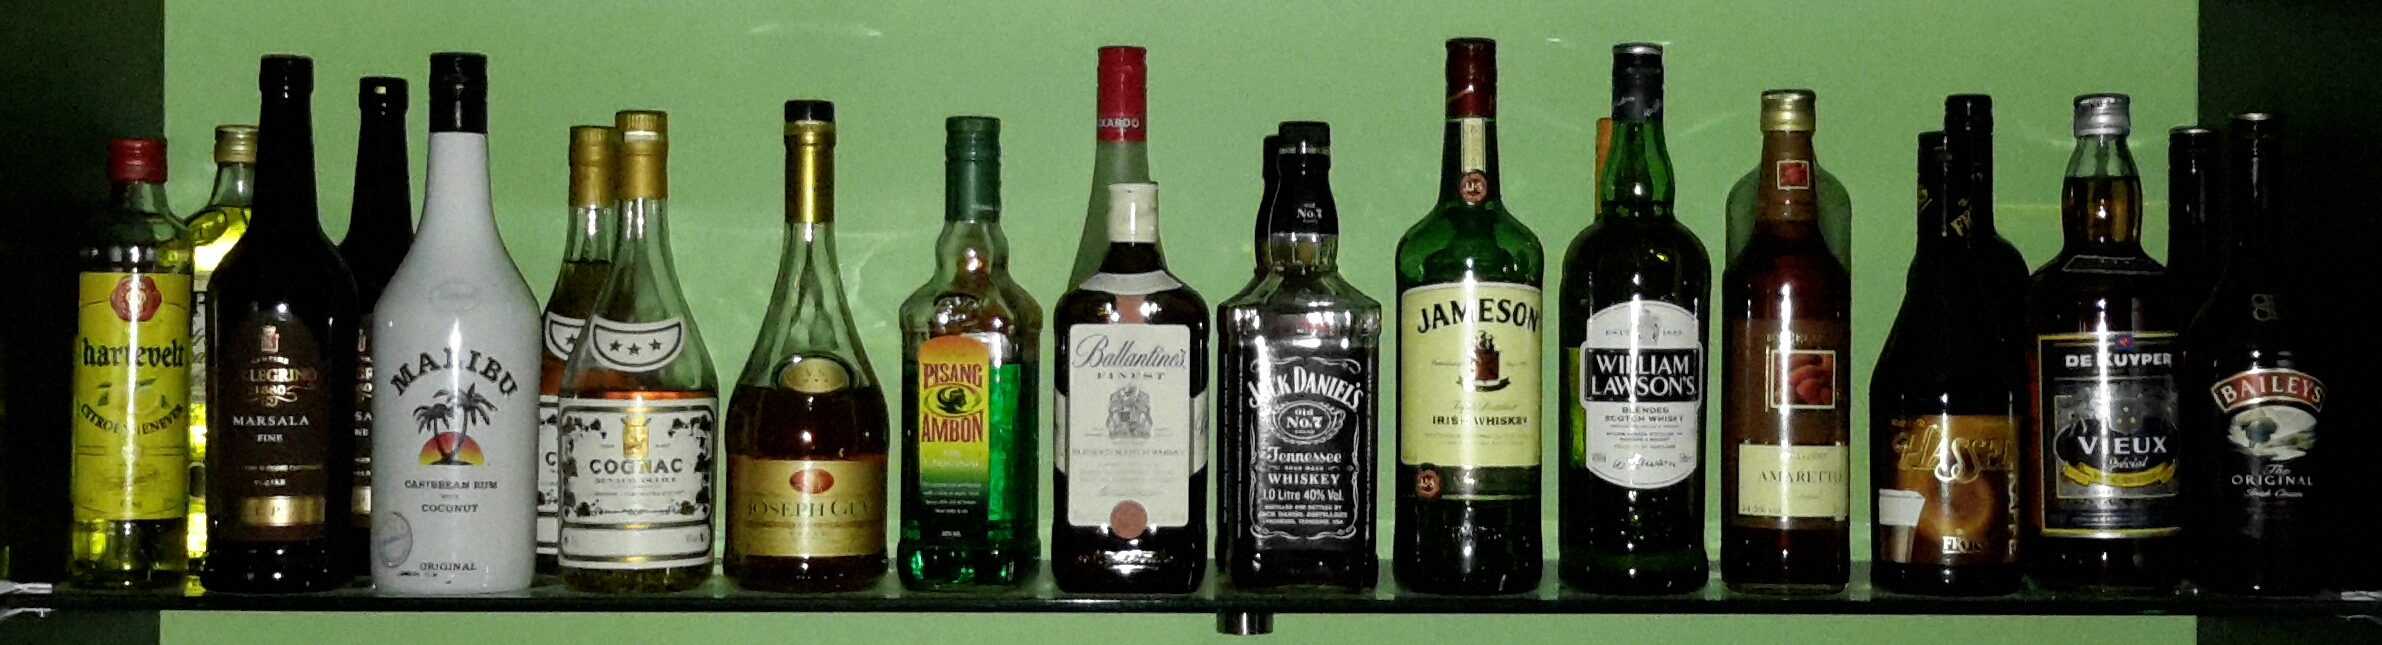 Sterk alcoholische dranken